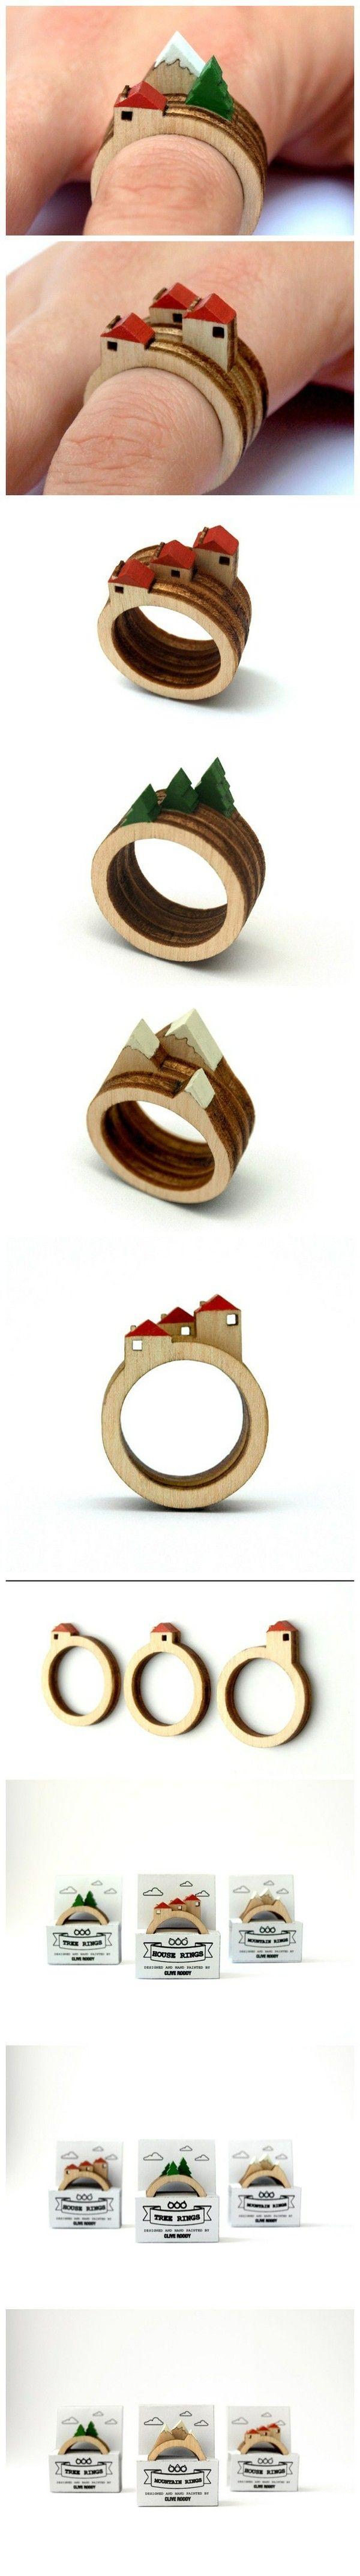 Lovely wooden rings